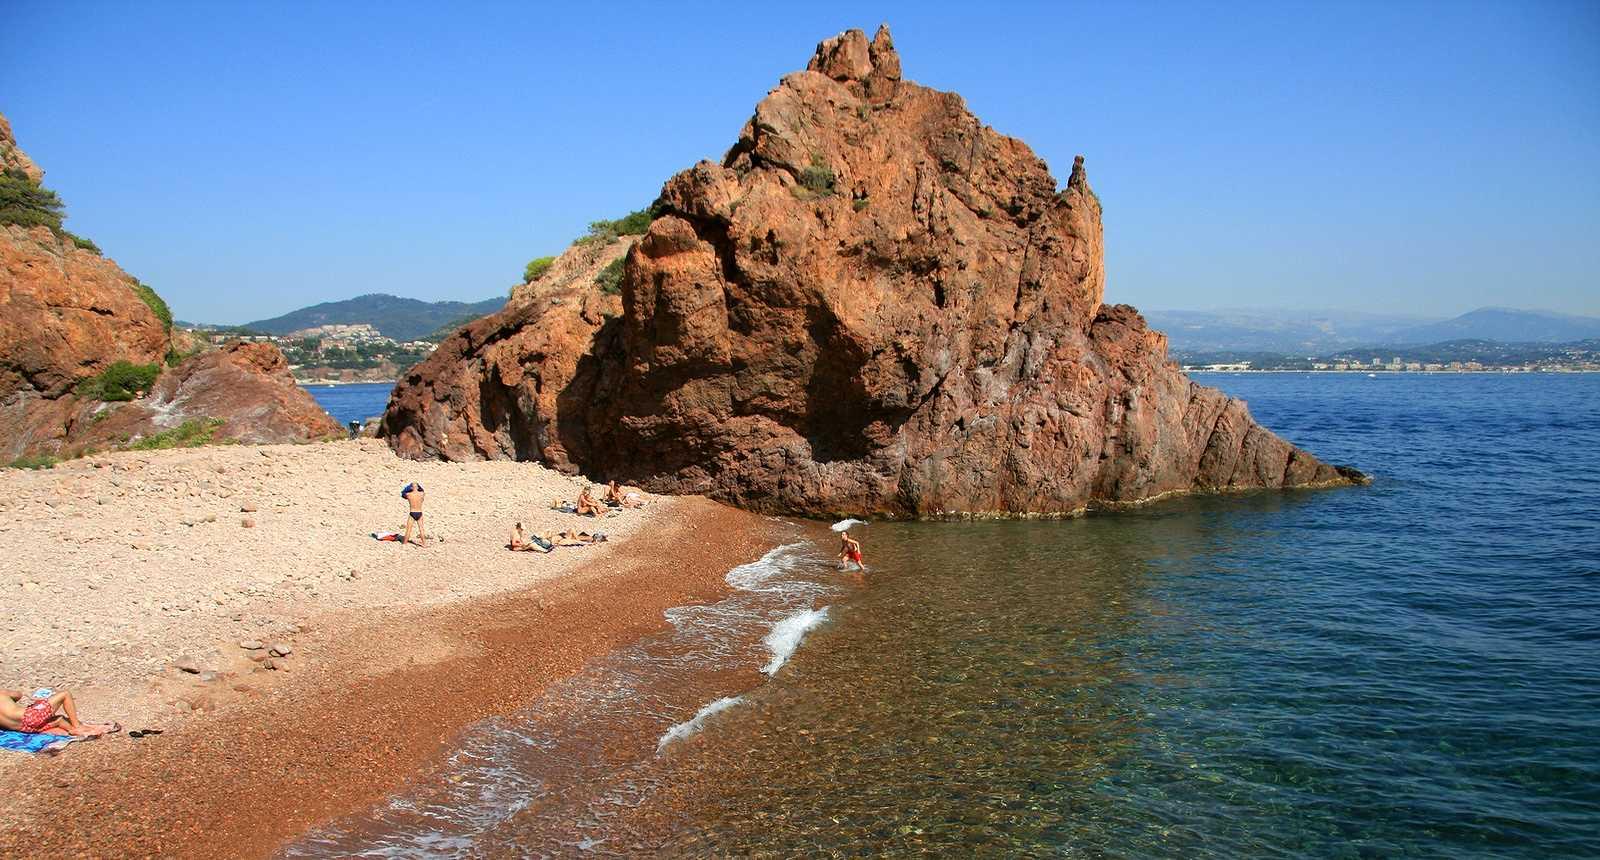 Roche de l'Esterel à Théoule, dans la Baie de Cannes